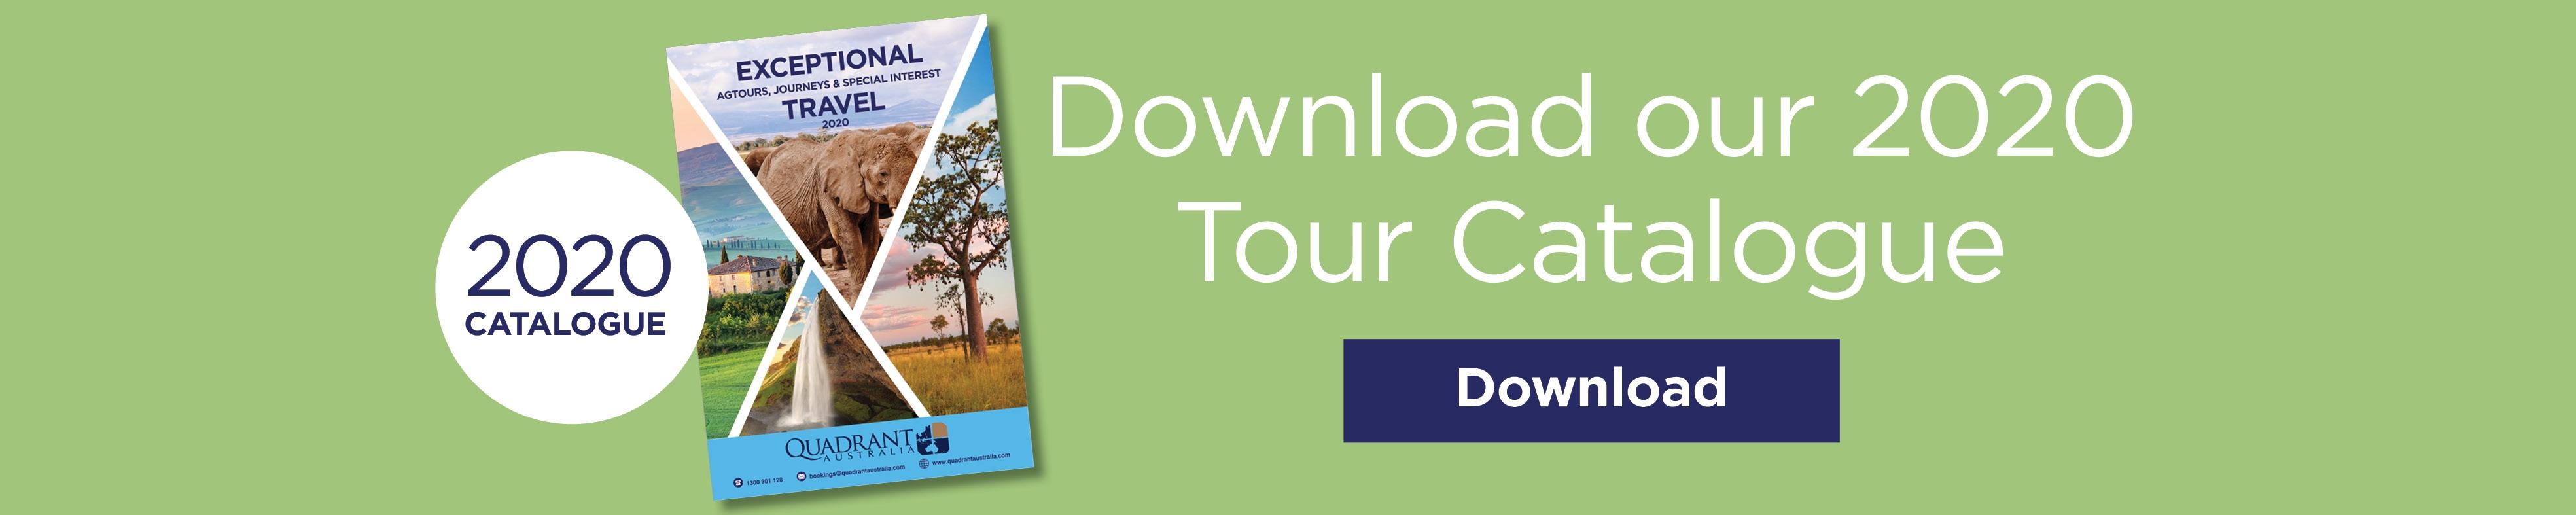 QUADRANT AUSTRALIA DOWNLOAD 2020 TOUR CATALGOUE